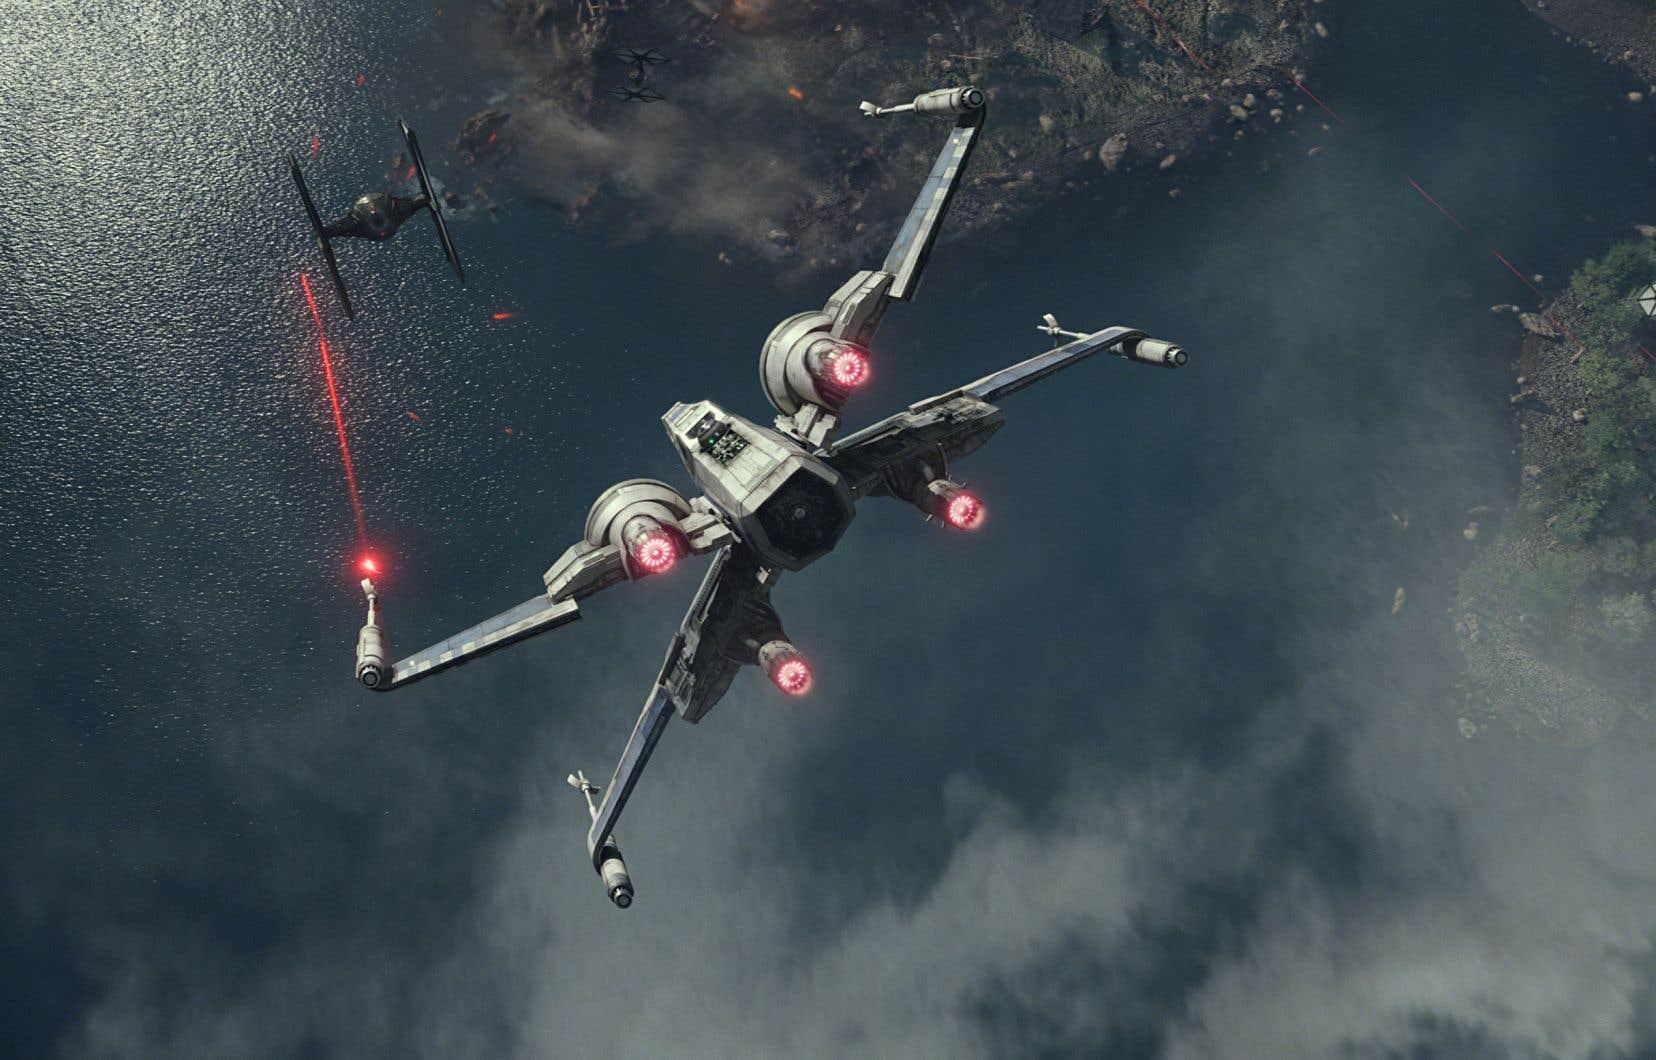 La série «Star Wars» permet de parler de la fragilité de la démocratie. Elle nous montre qu'une fois acquise, elle peut être constamment remise en danger.